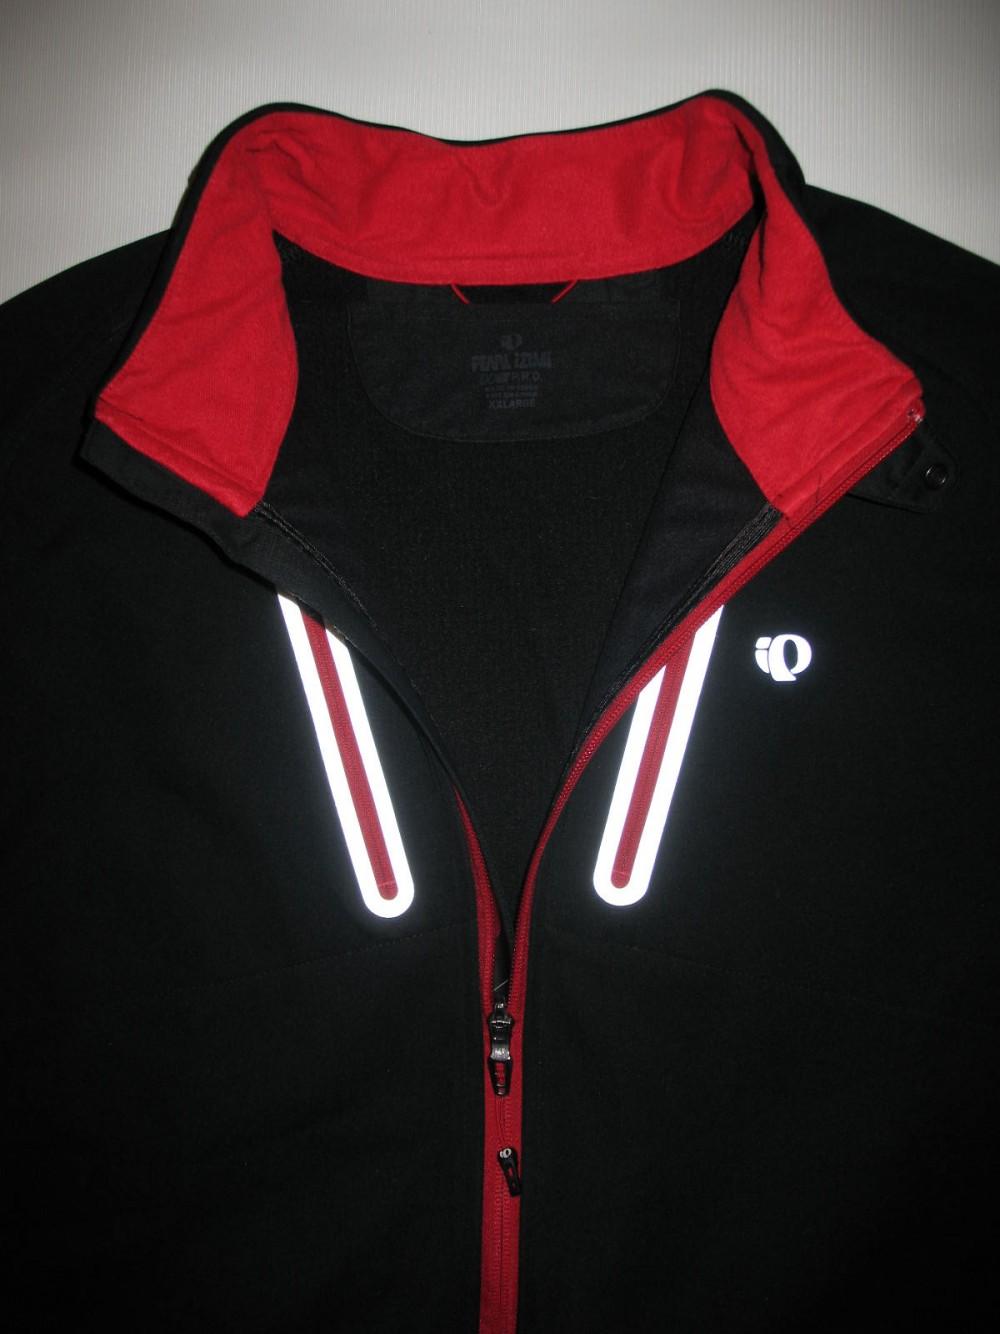 Велокуртка PEARL IZUMI pro softshell jacket (размер XXL) - 7